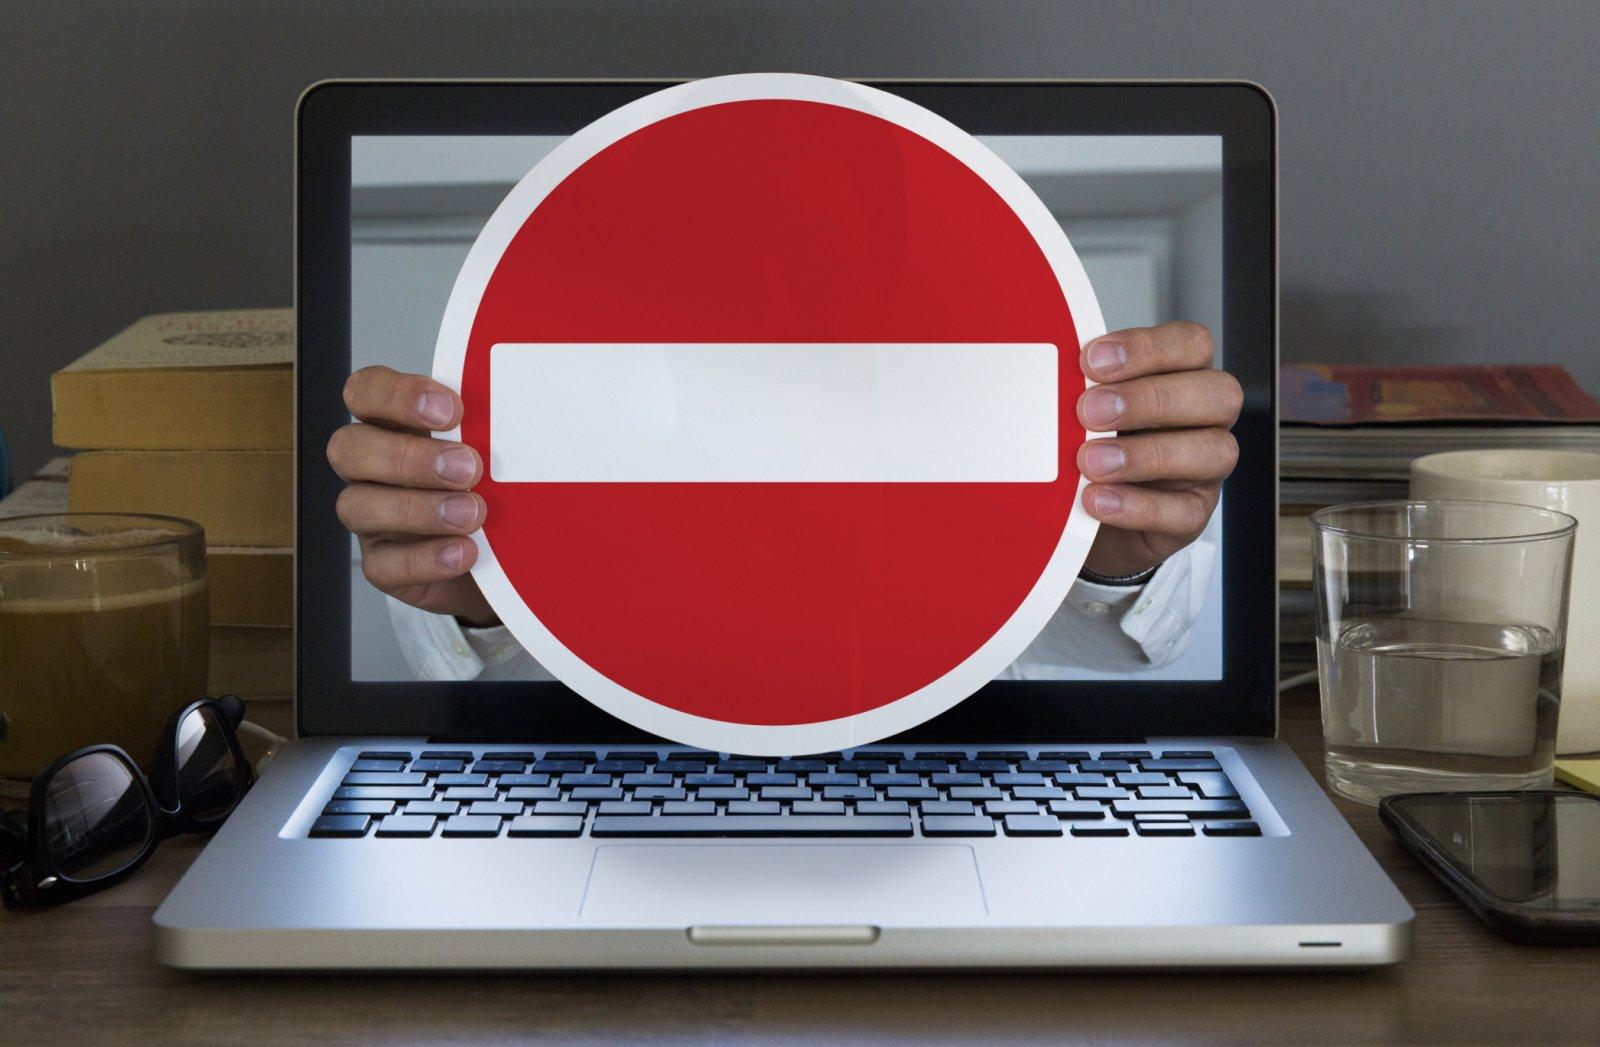 Сайт, где продавали медсправки, заблокировал суд Тверской области